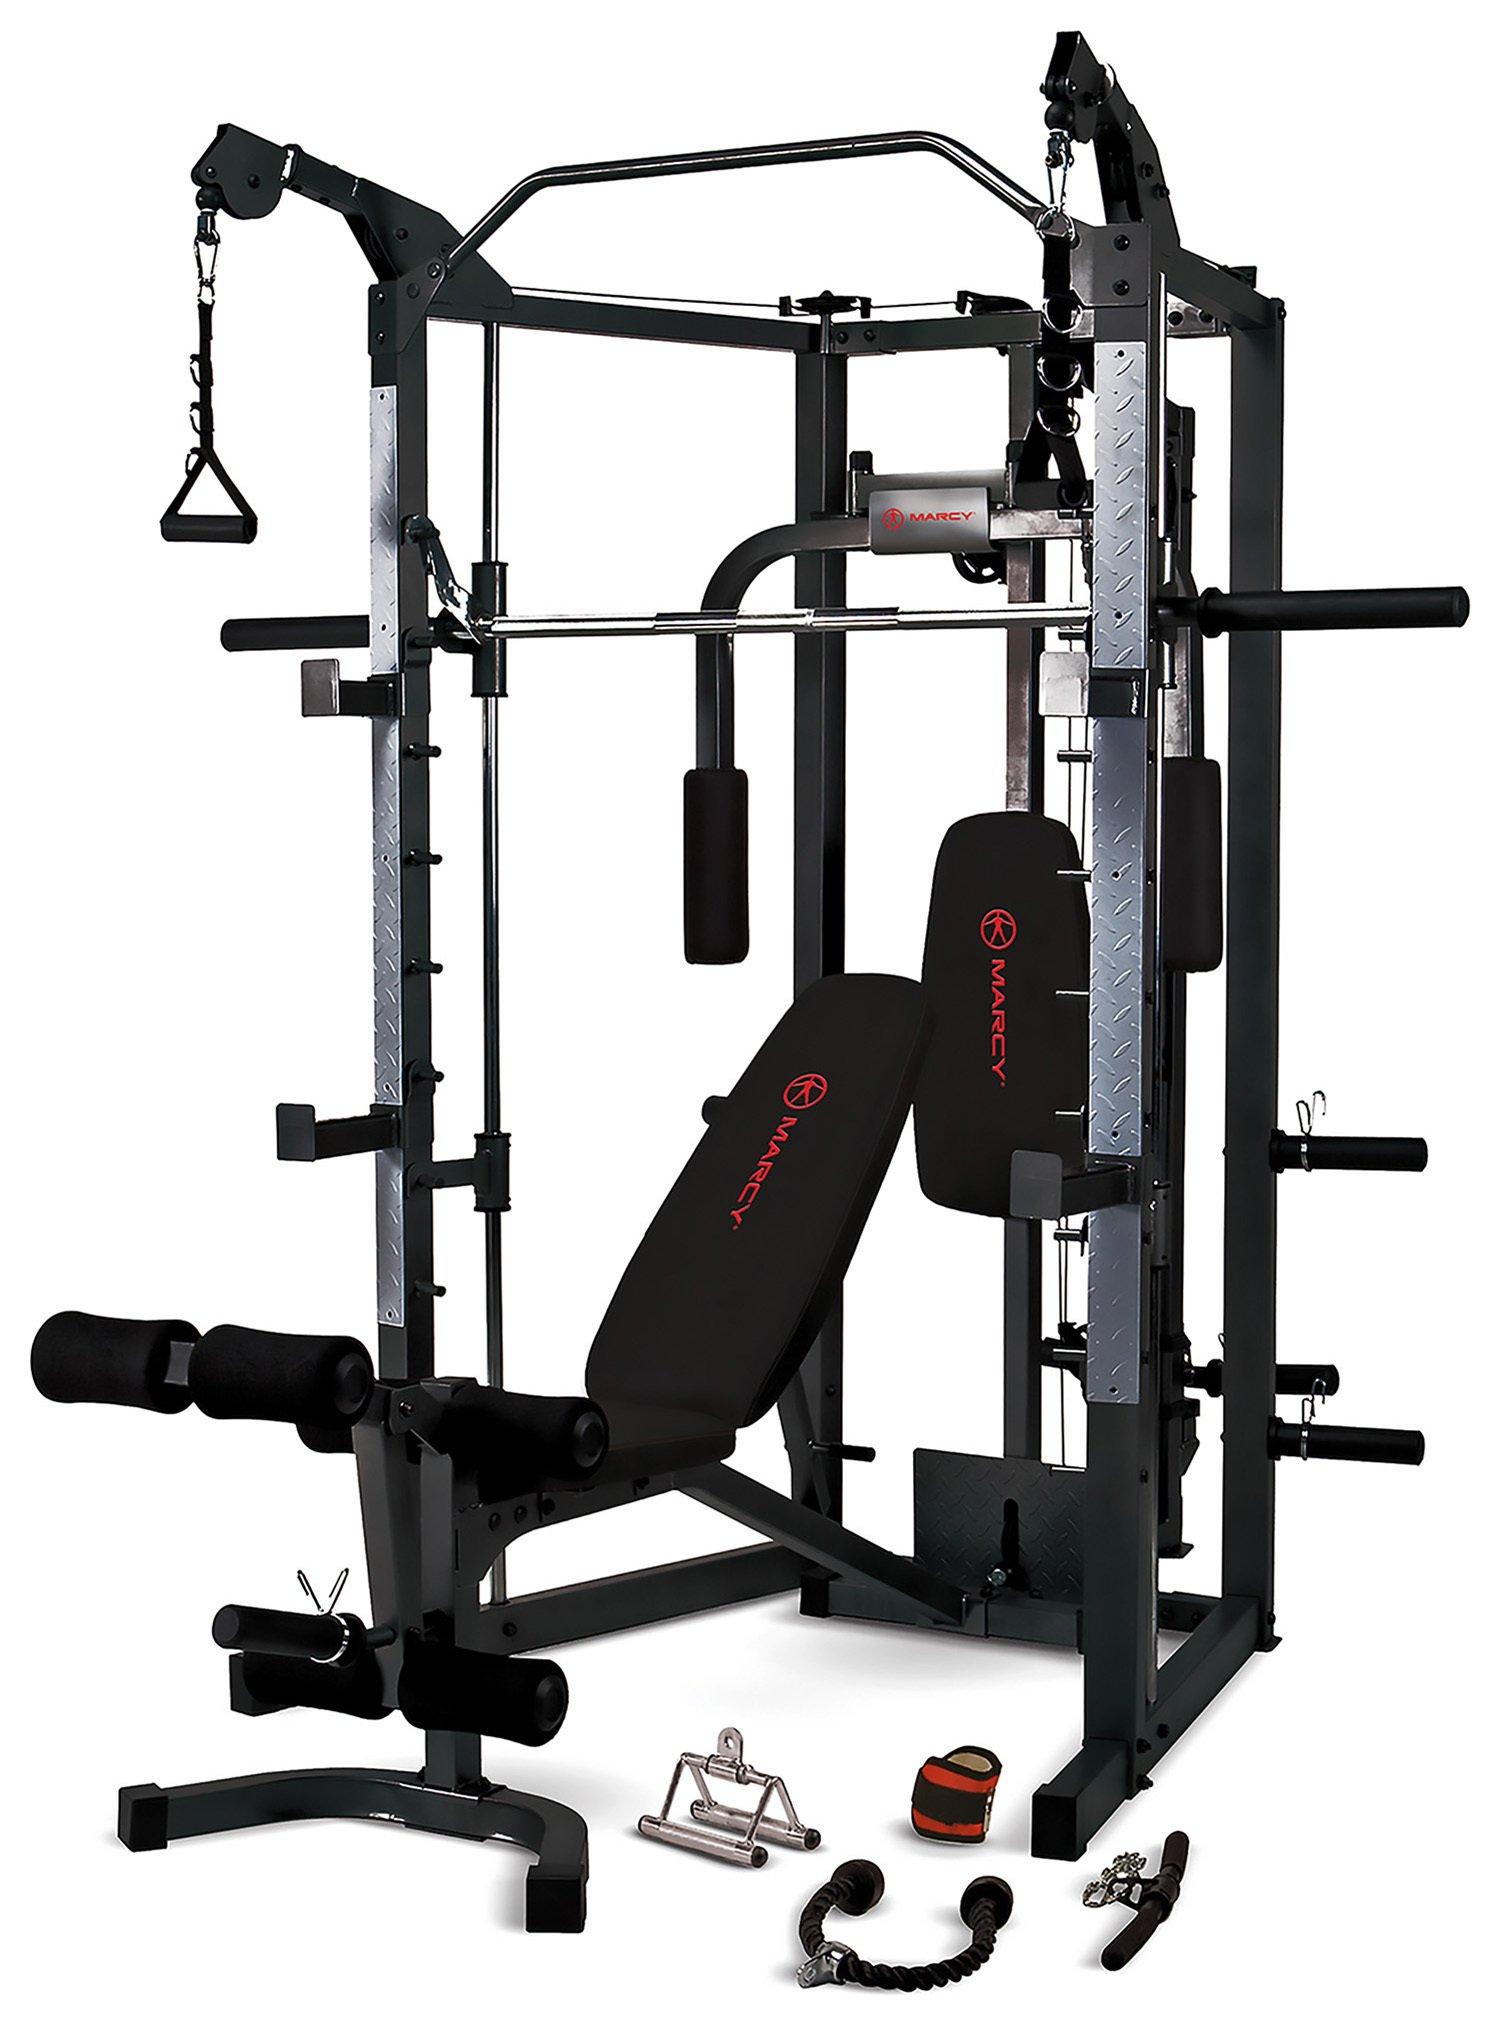 marcy smith machine sm4000